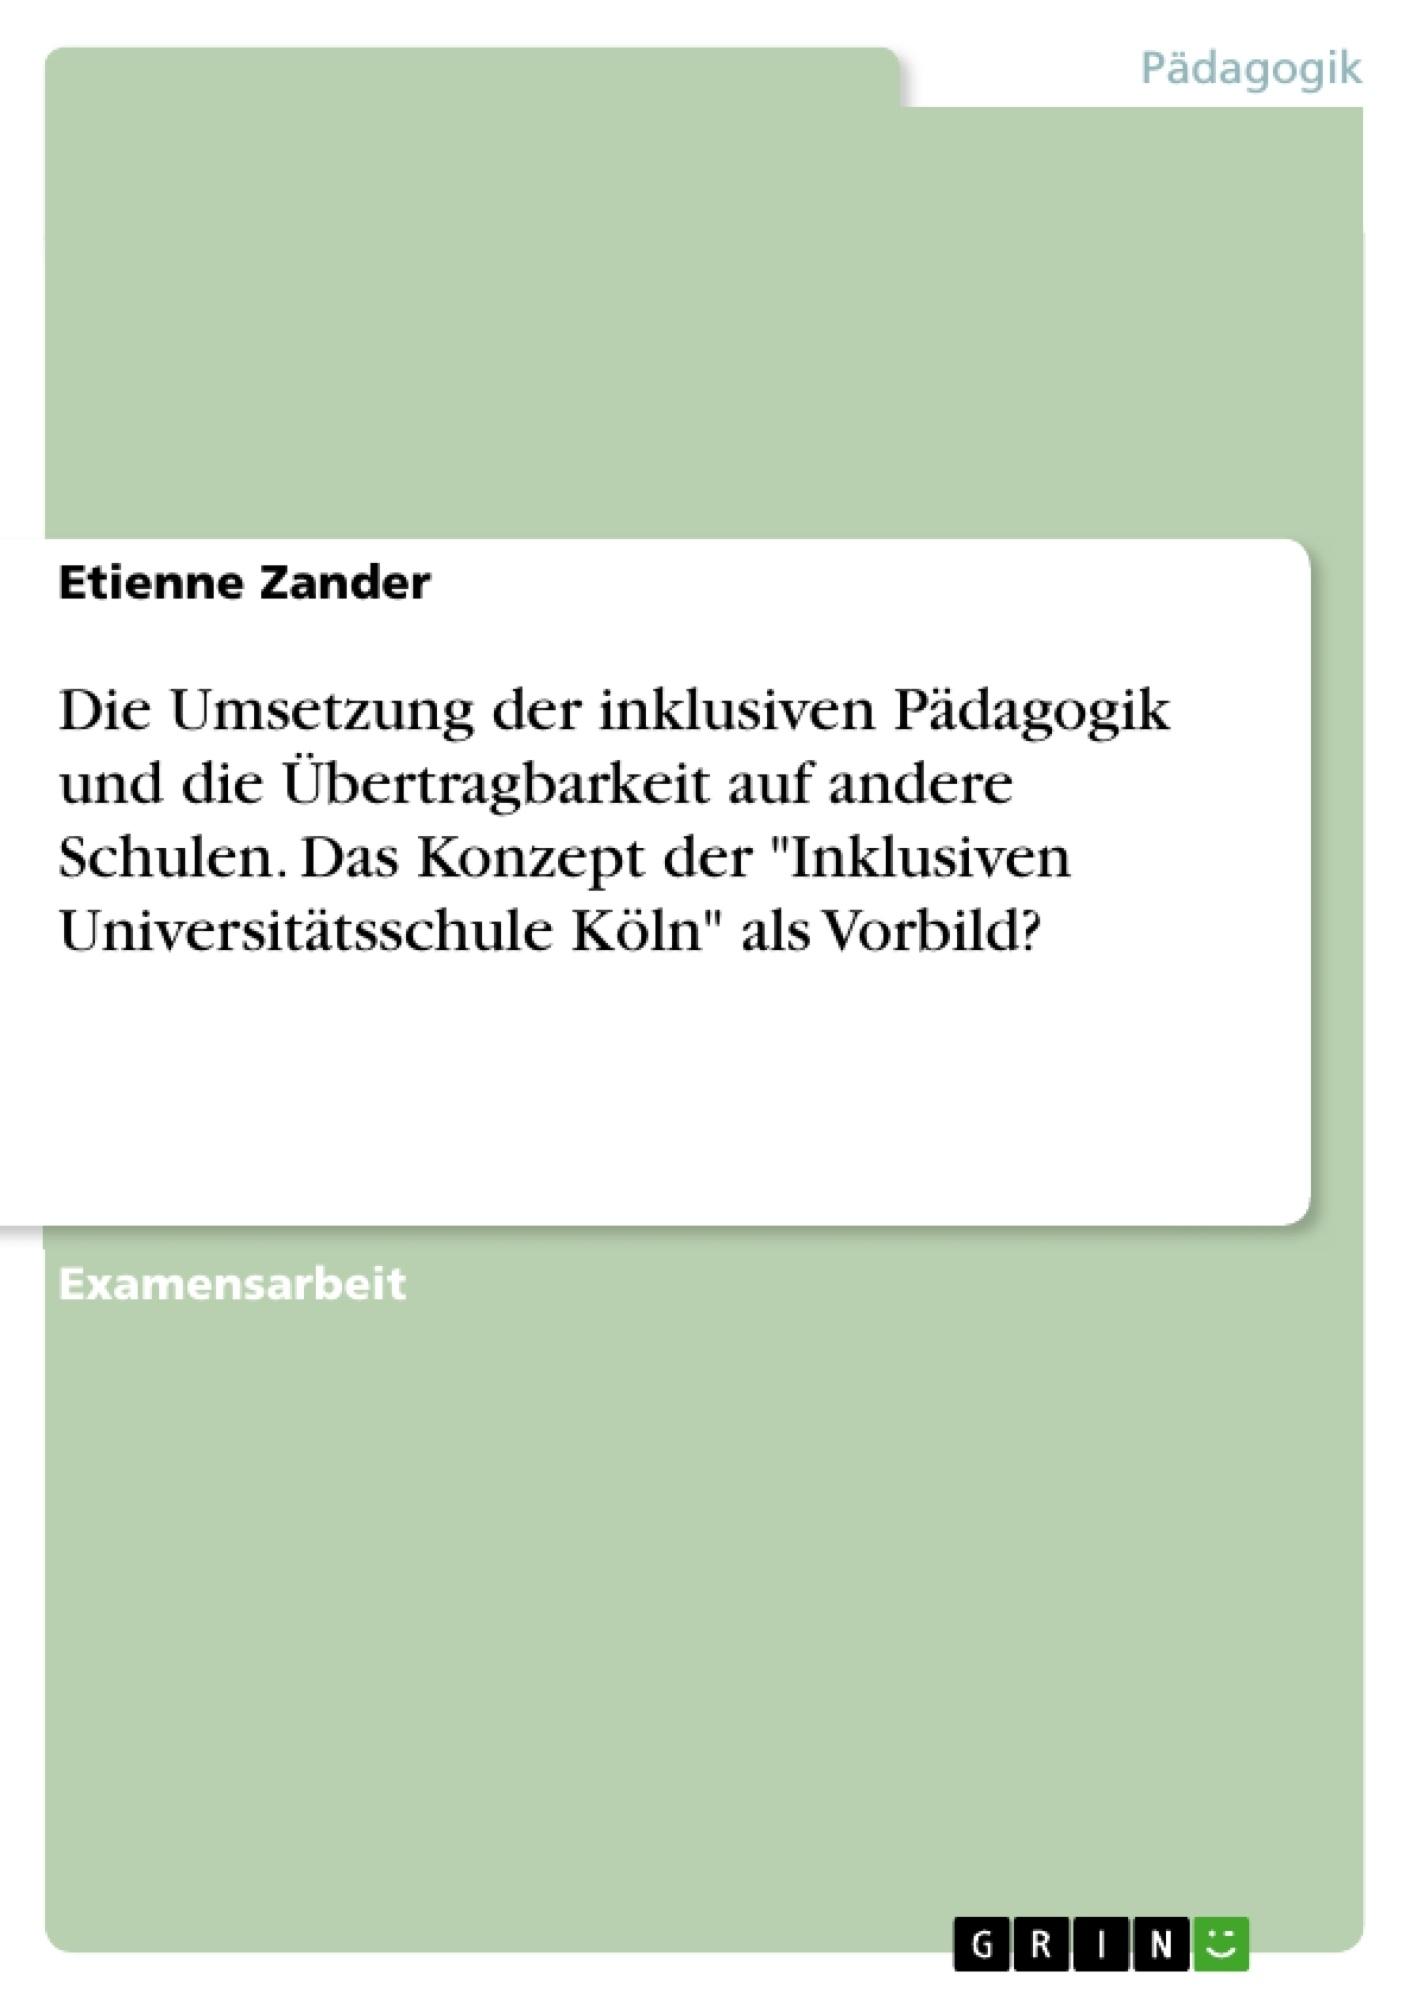 """Titel: Die Umsetzung der inklusiven Pädagogik und die Übertragbarkeit auf andere Schulen. Das Konzept der """"Inklusiven Universitätsschule Köln"""" als Vorbild?"""